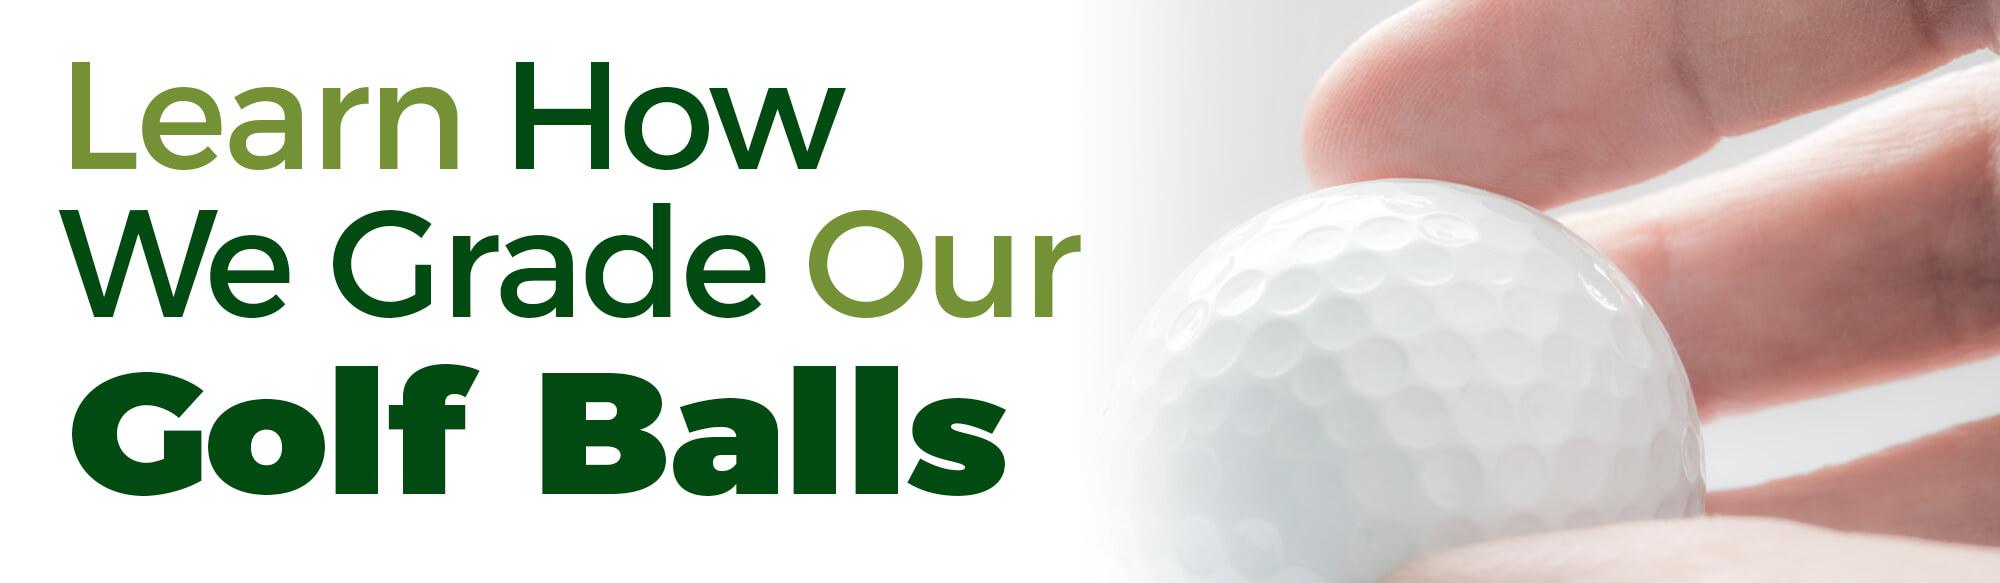 Grading Golf Balls